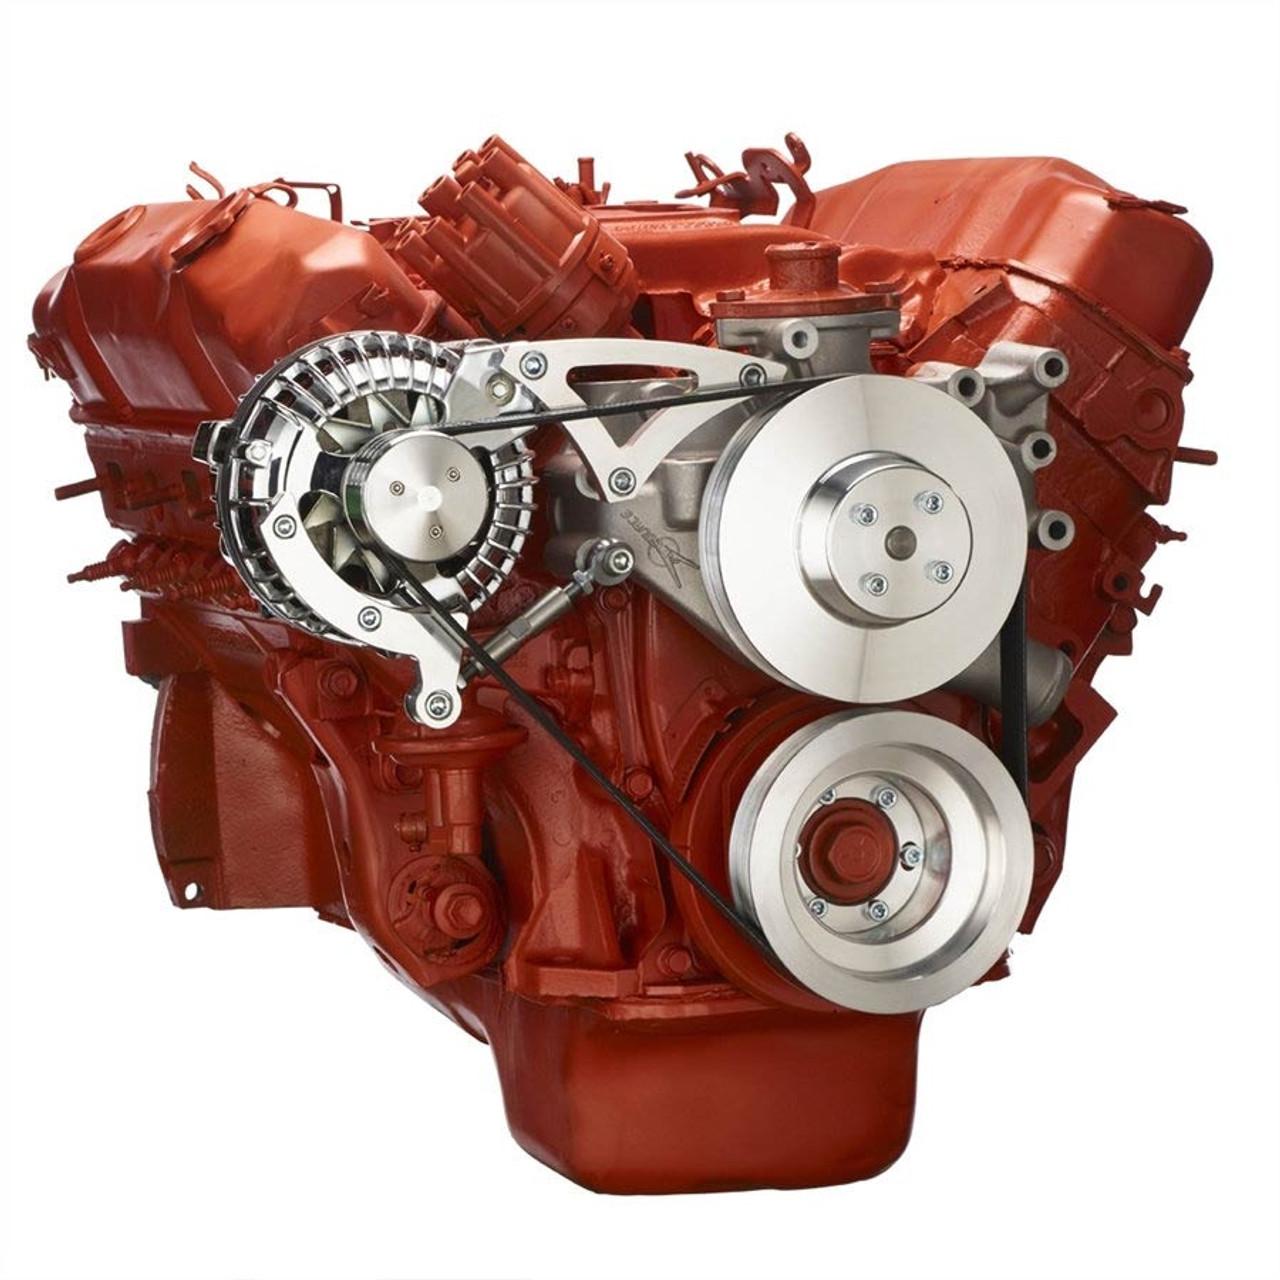 Chrysler Big Block Serpentine Kit For Alternator Only  383